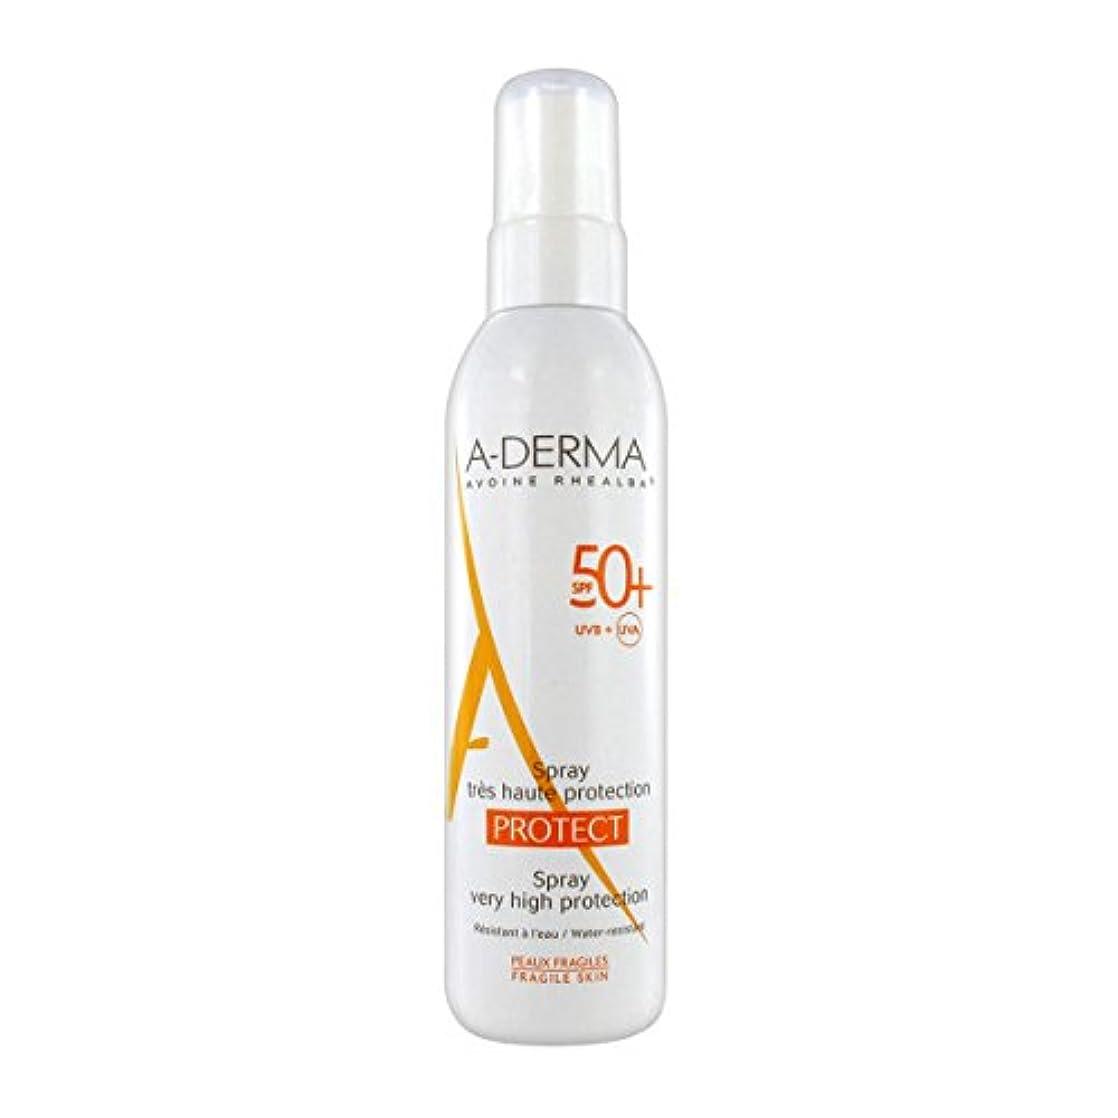 確認する全体に強いますA-derma Protect Spray Spf50+ 200ml [並行輸入品]